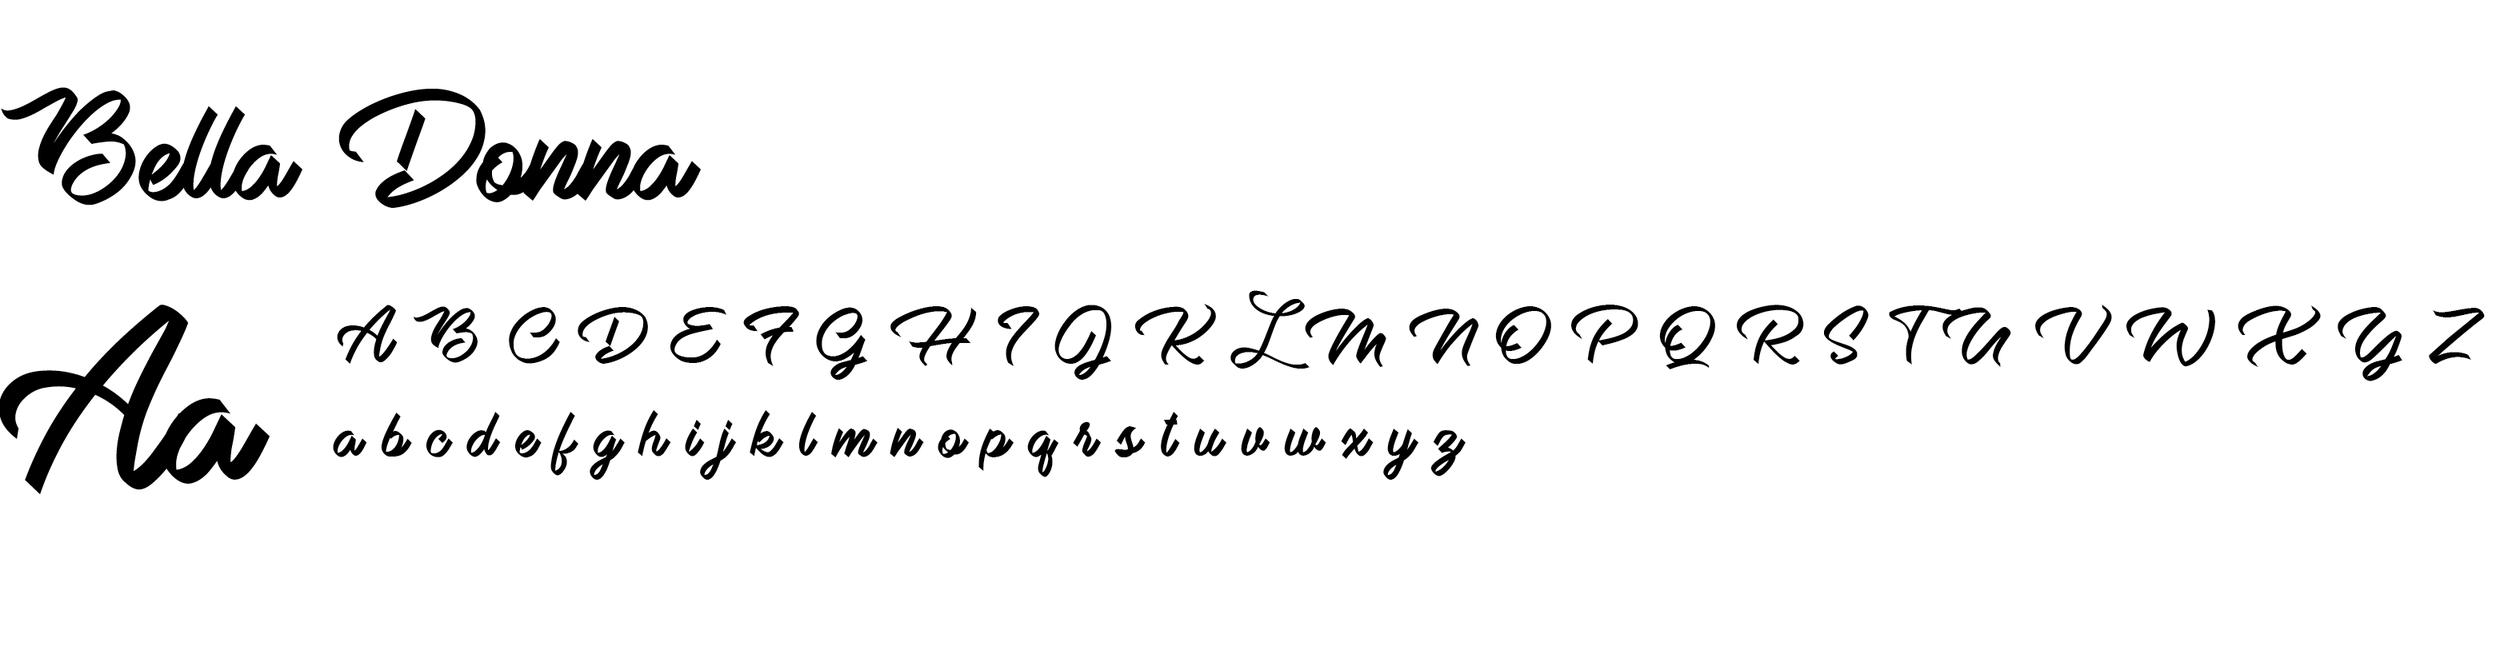 font.png